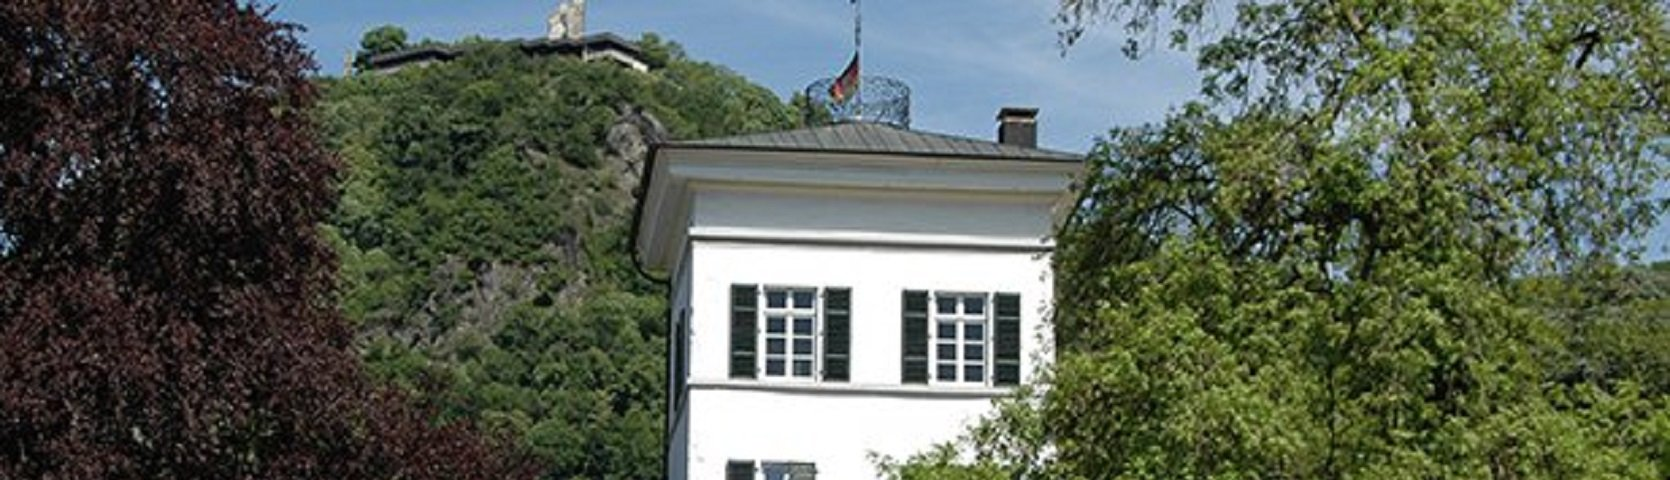 Kölner Wirtschaftsfachschule GmbH